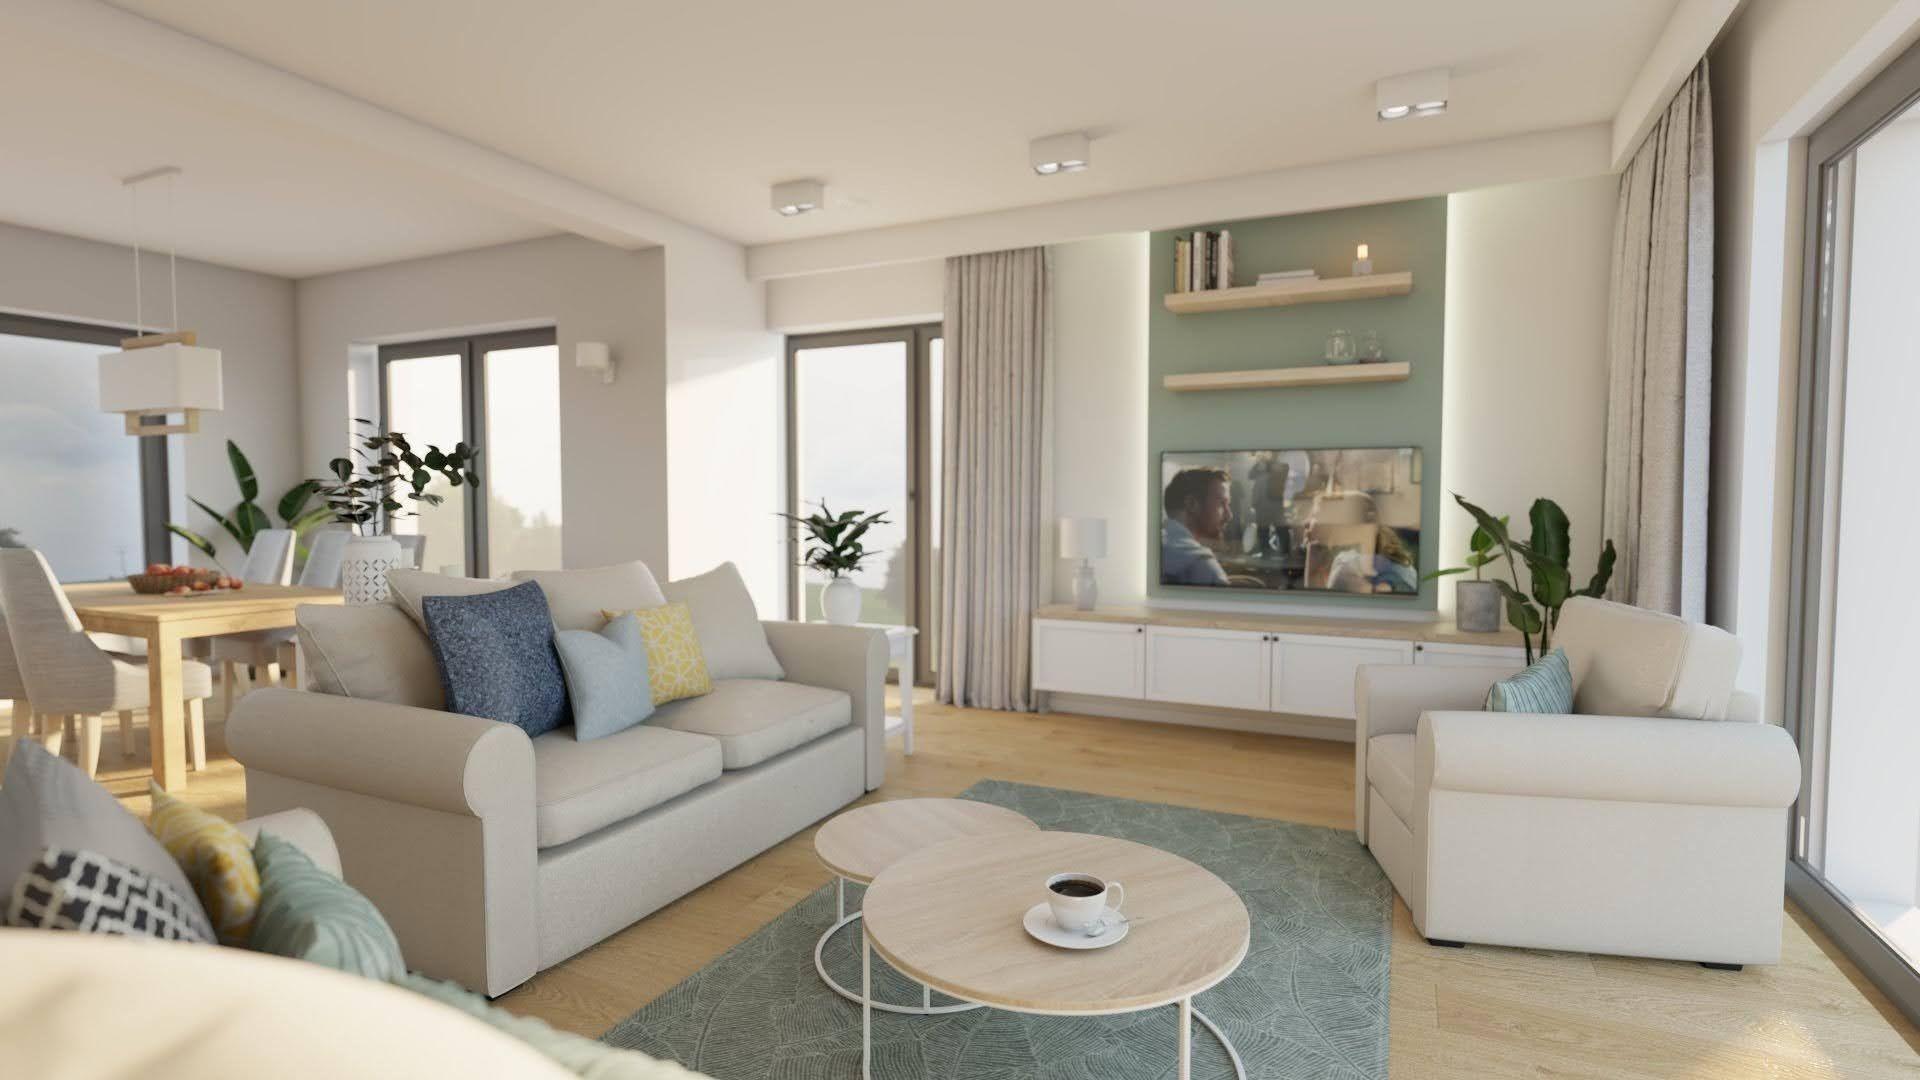 pomysł na salon w stylu klasycznym, salon z sofą i fotelem, szary dywan w salonie